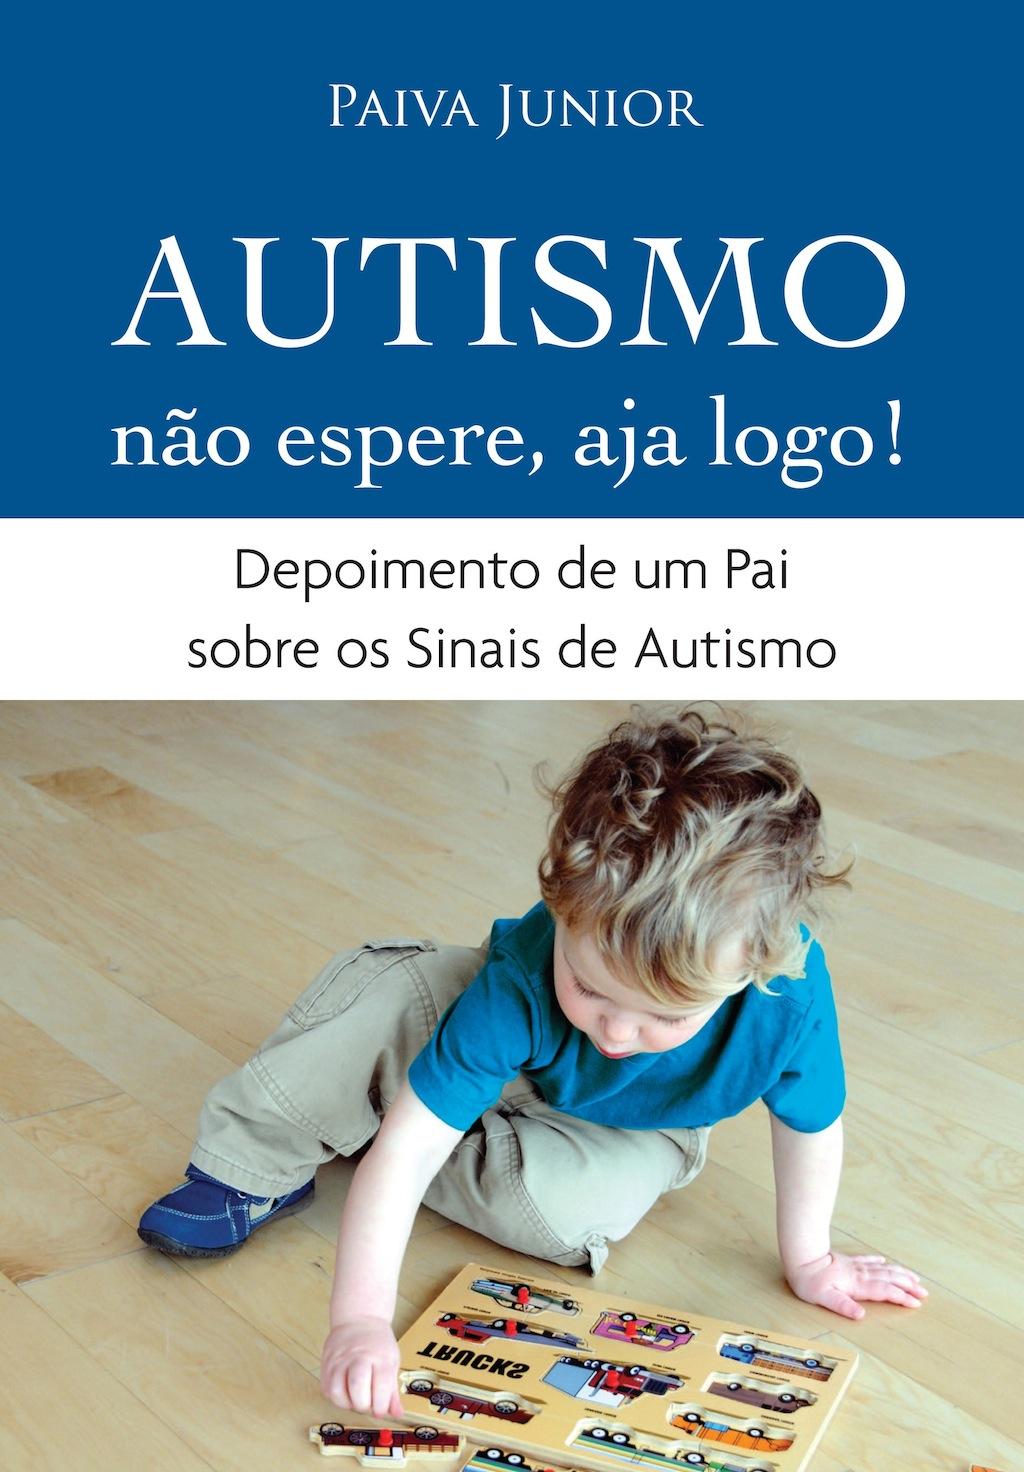 Autismo — Não espere, aja logo!